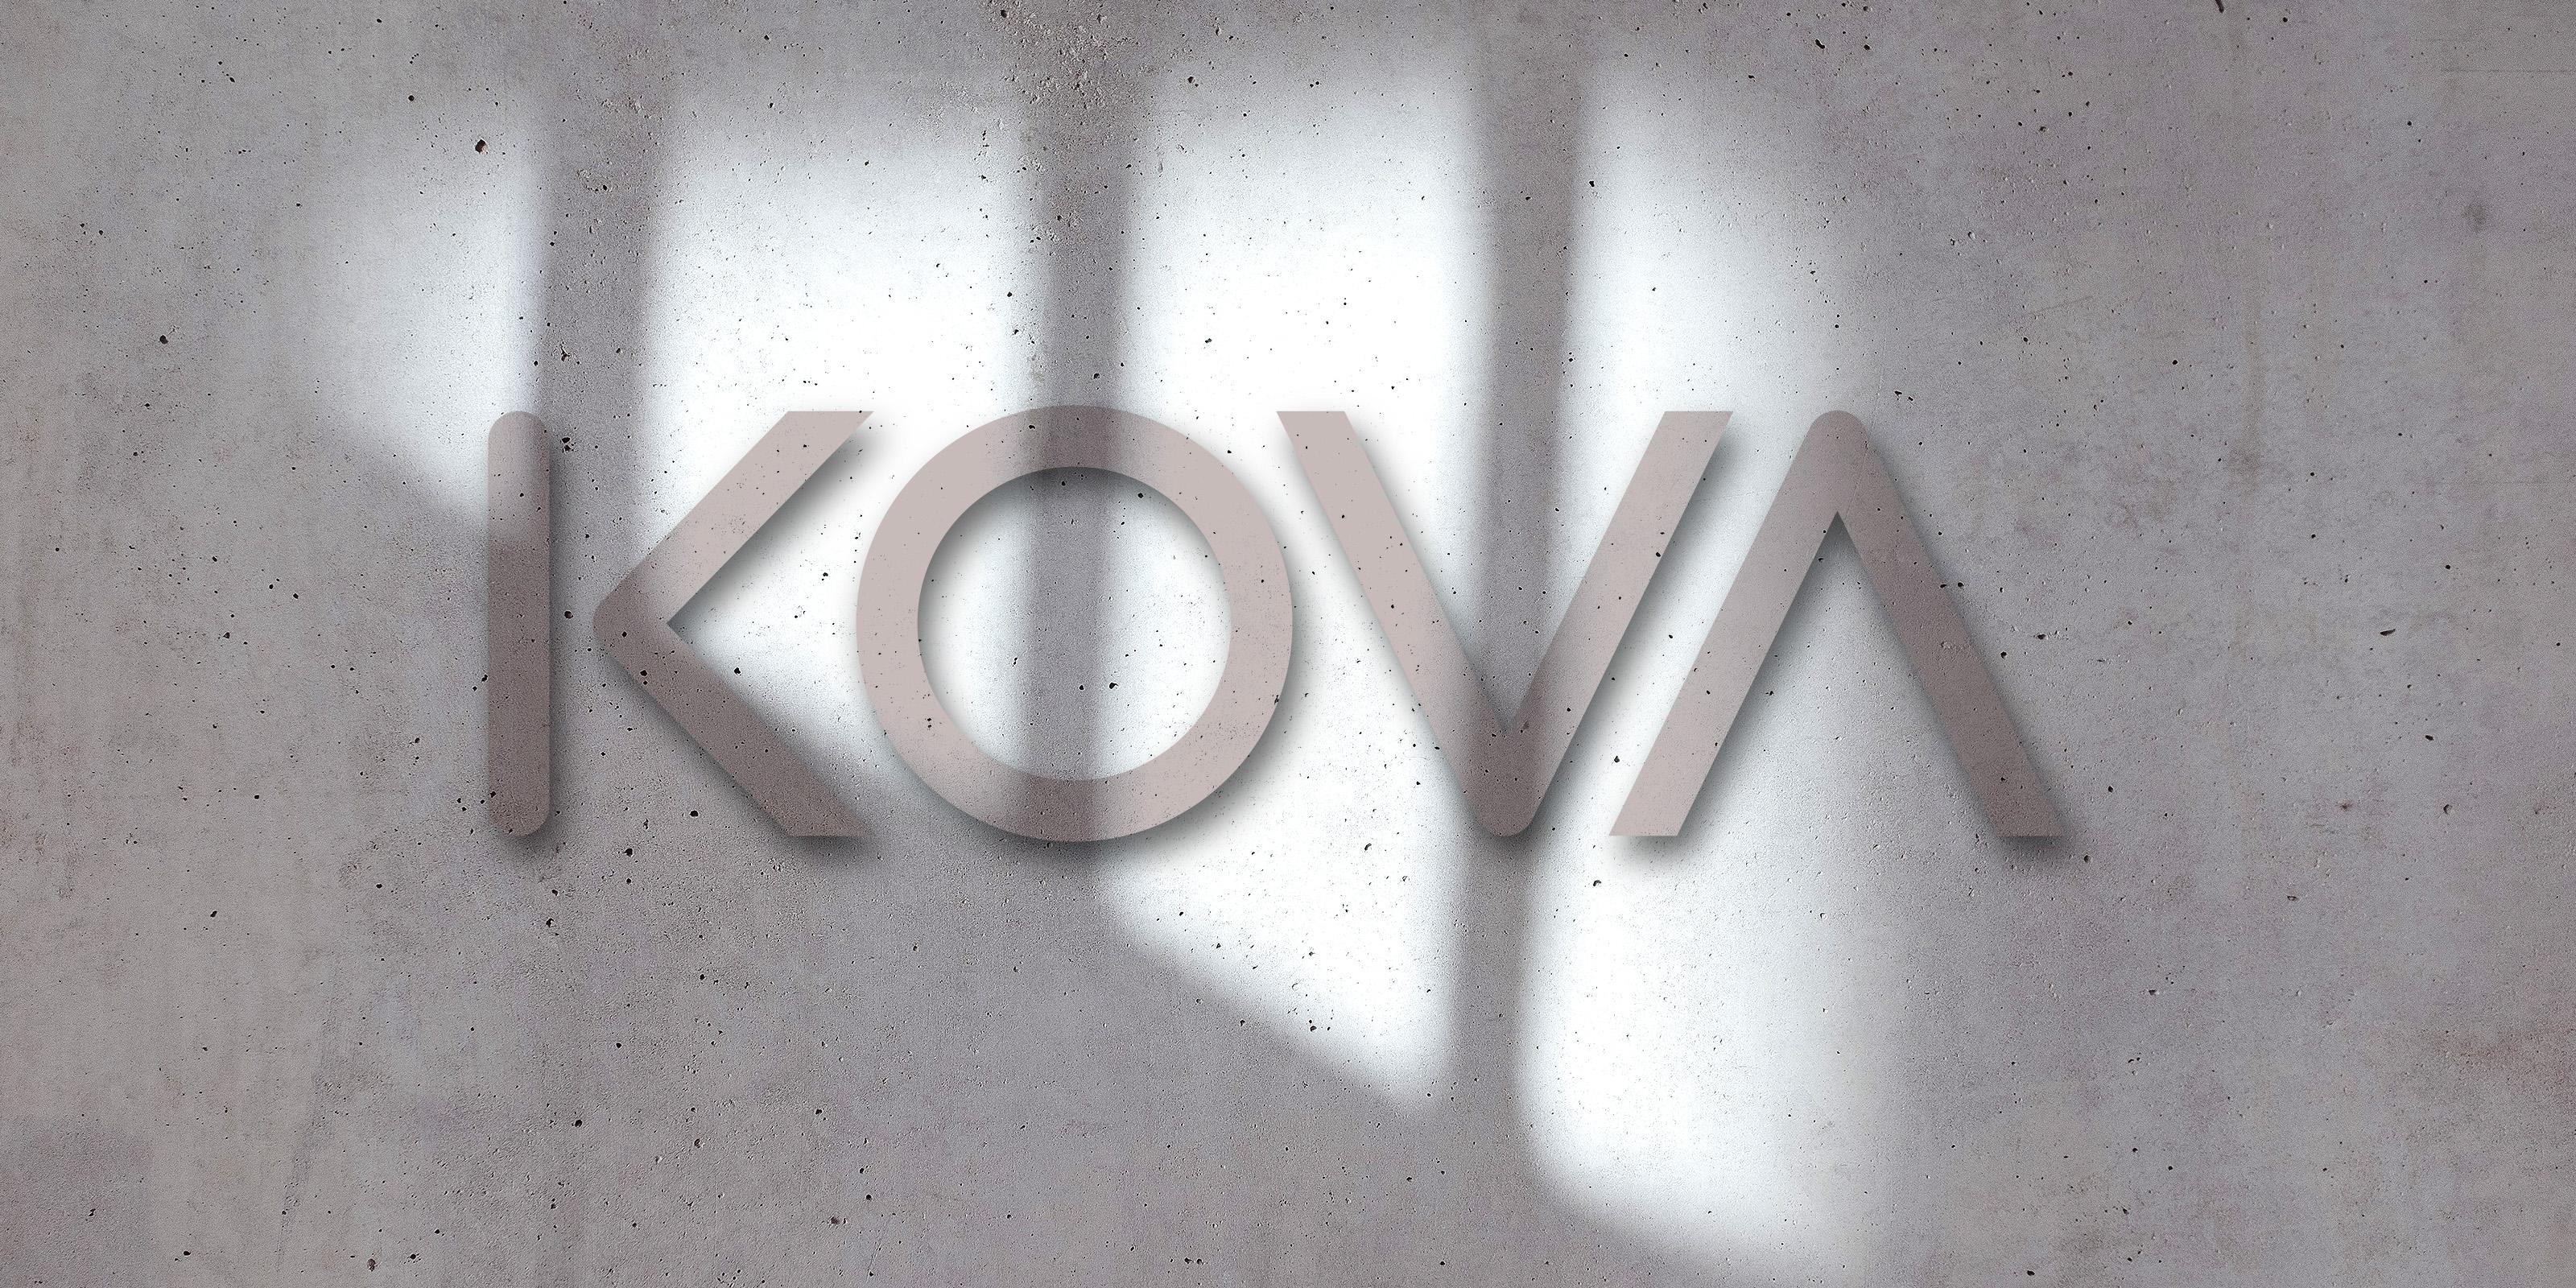 Kova by Katerra